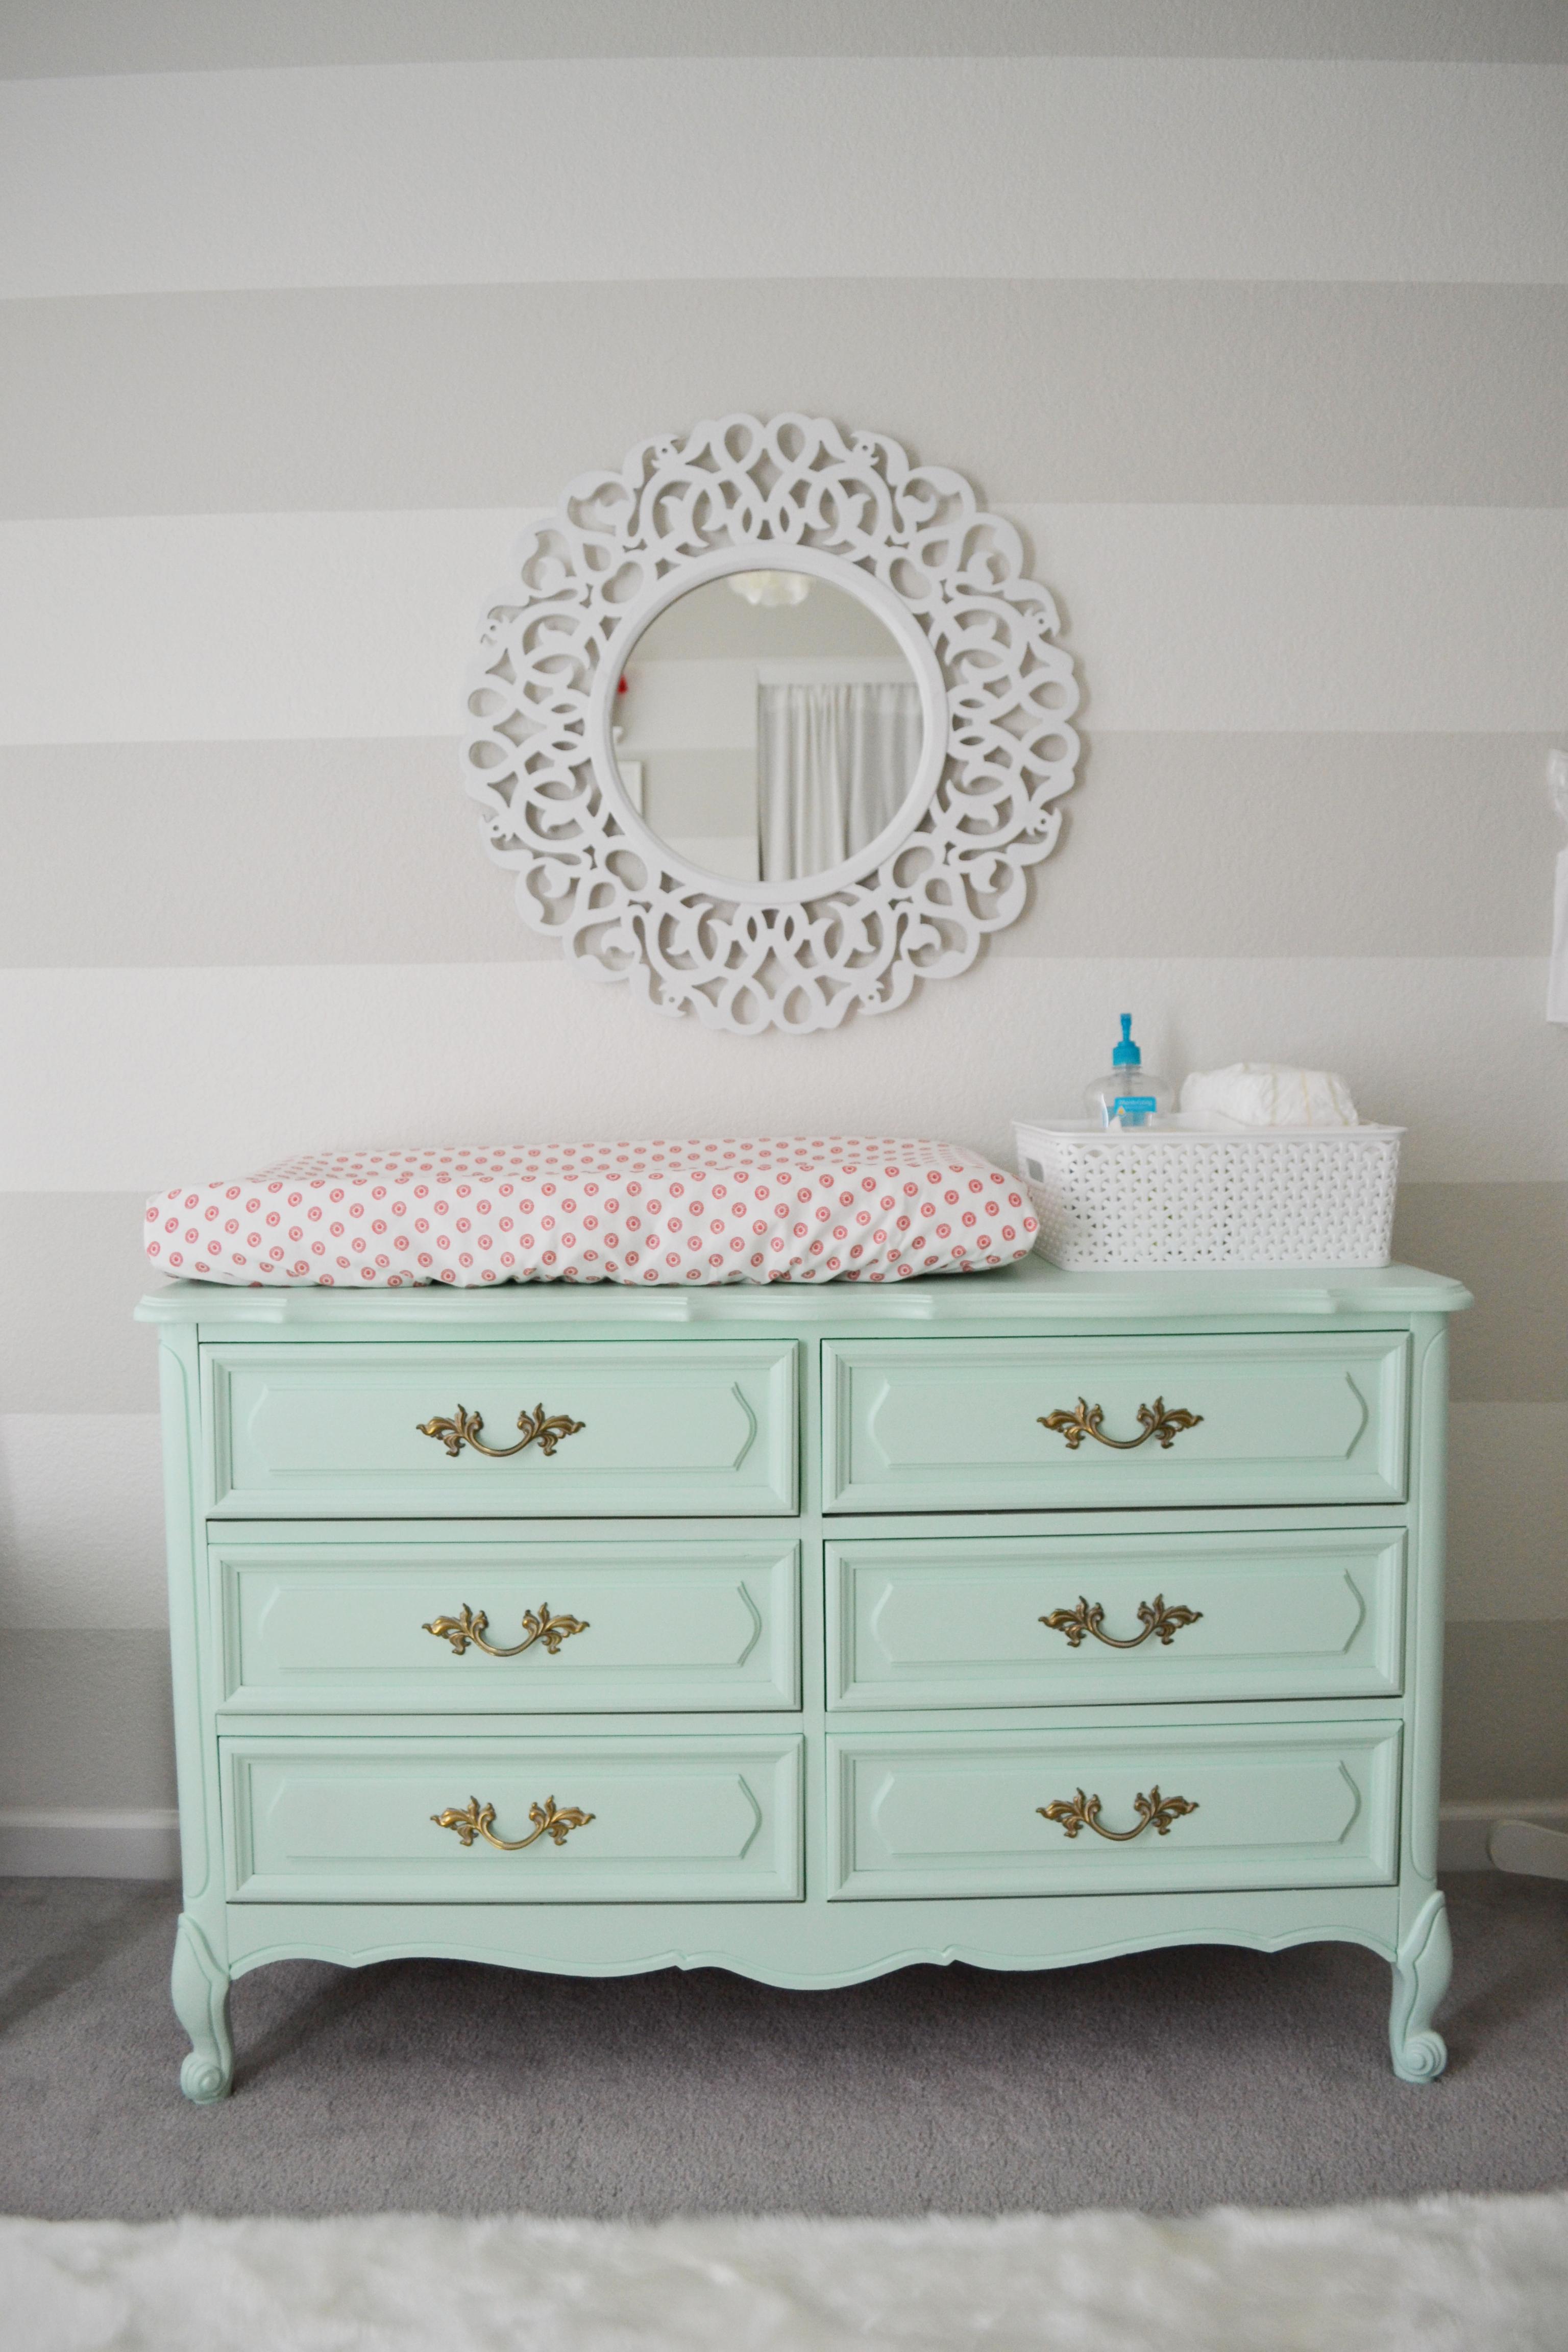 Crib for sale craigslist -  Suddenlyinspired Com Harper S Nursery